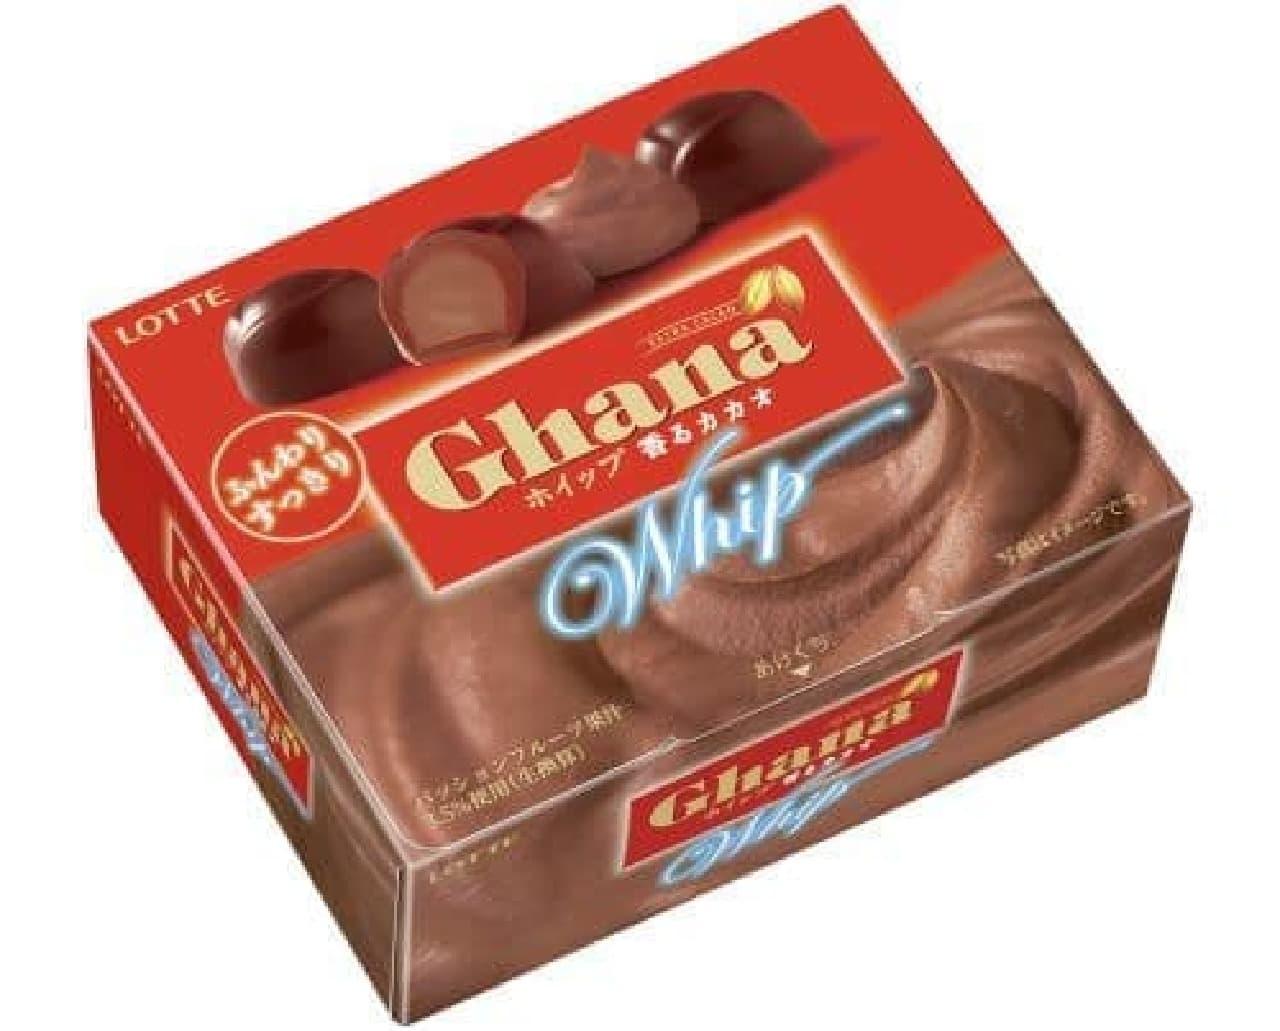 「ガーナホイップ」は、ふんわりと仕立てられたビターチョコホイップがガーナミルクで包まれたお菓子